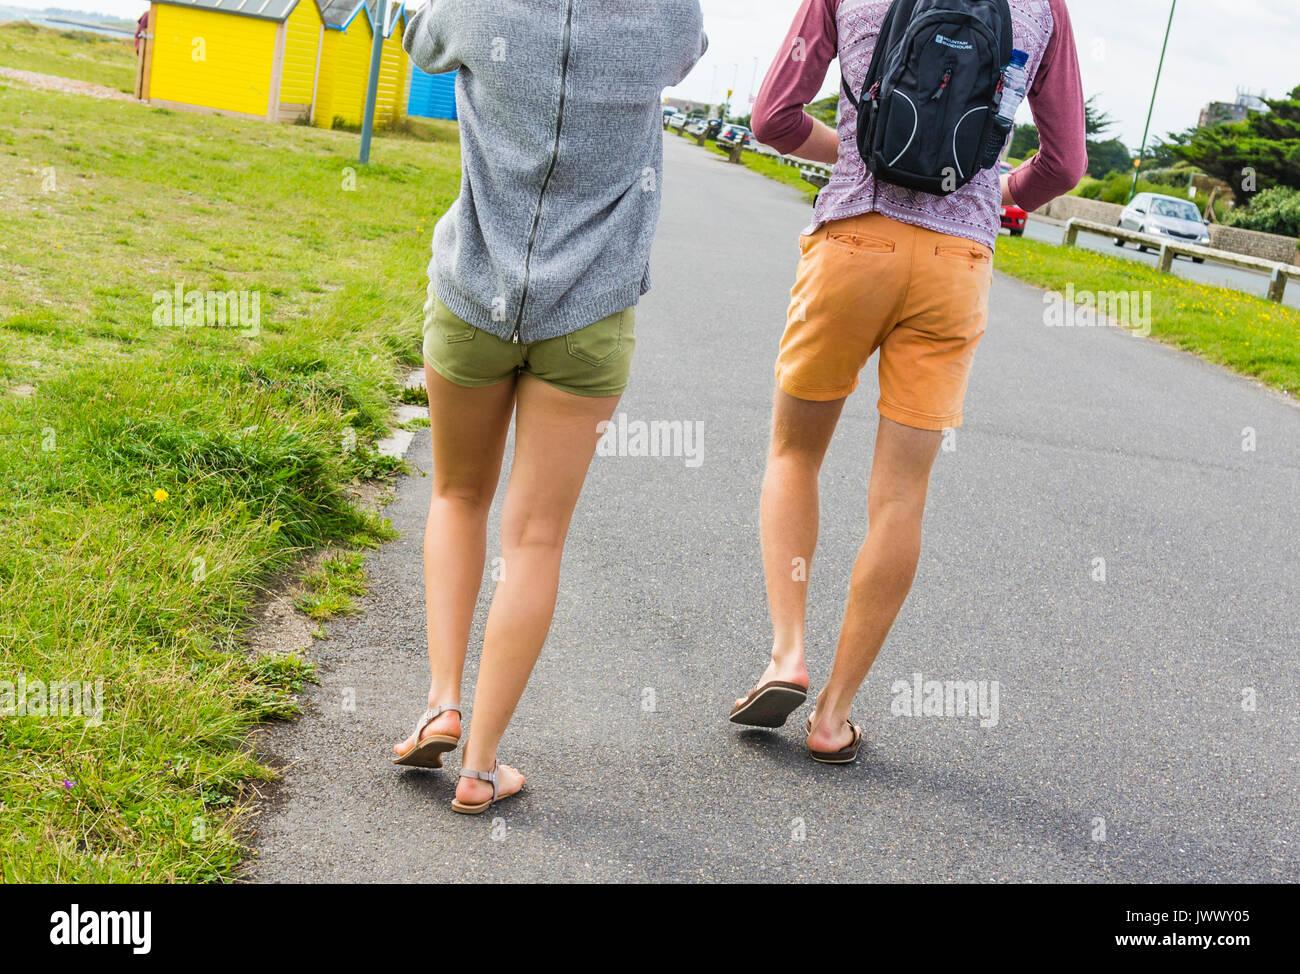 a-young-couple-walking-along-the-promenade-wearing-shorts-showing-JWWY05.jpg